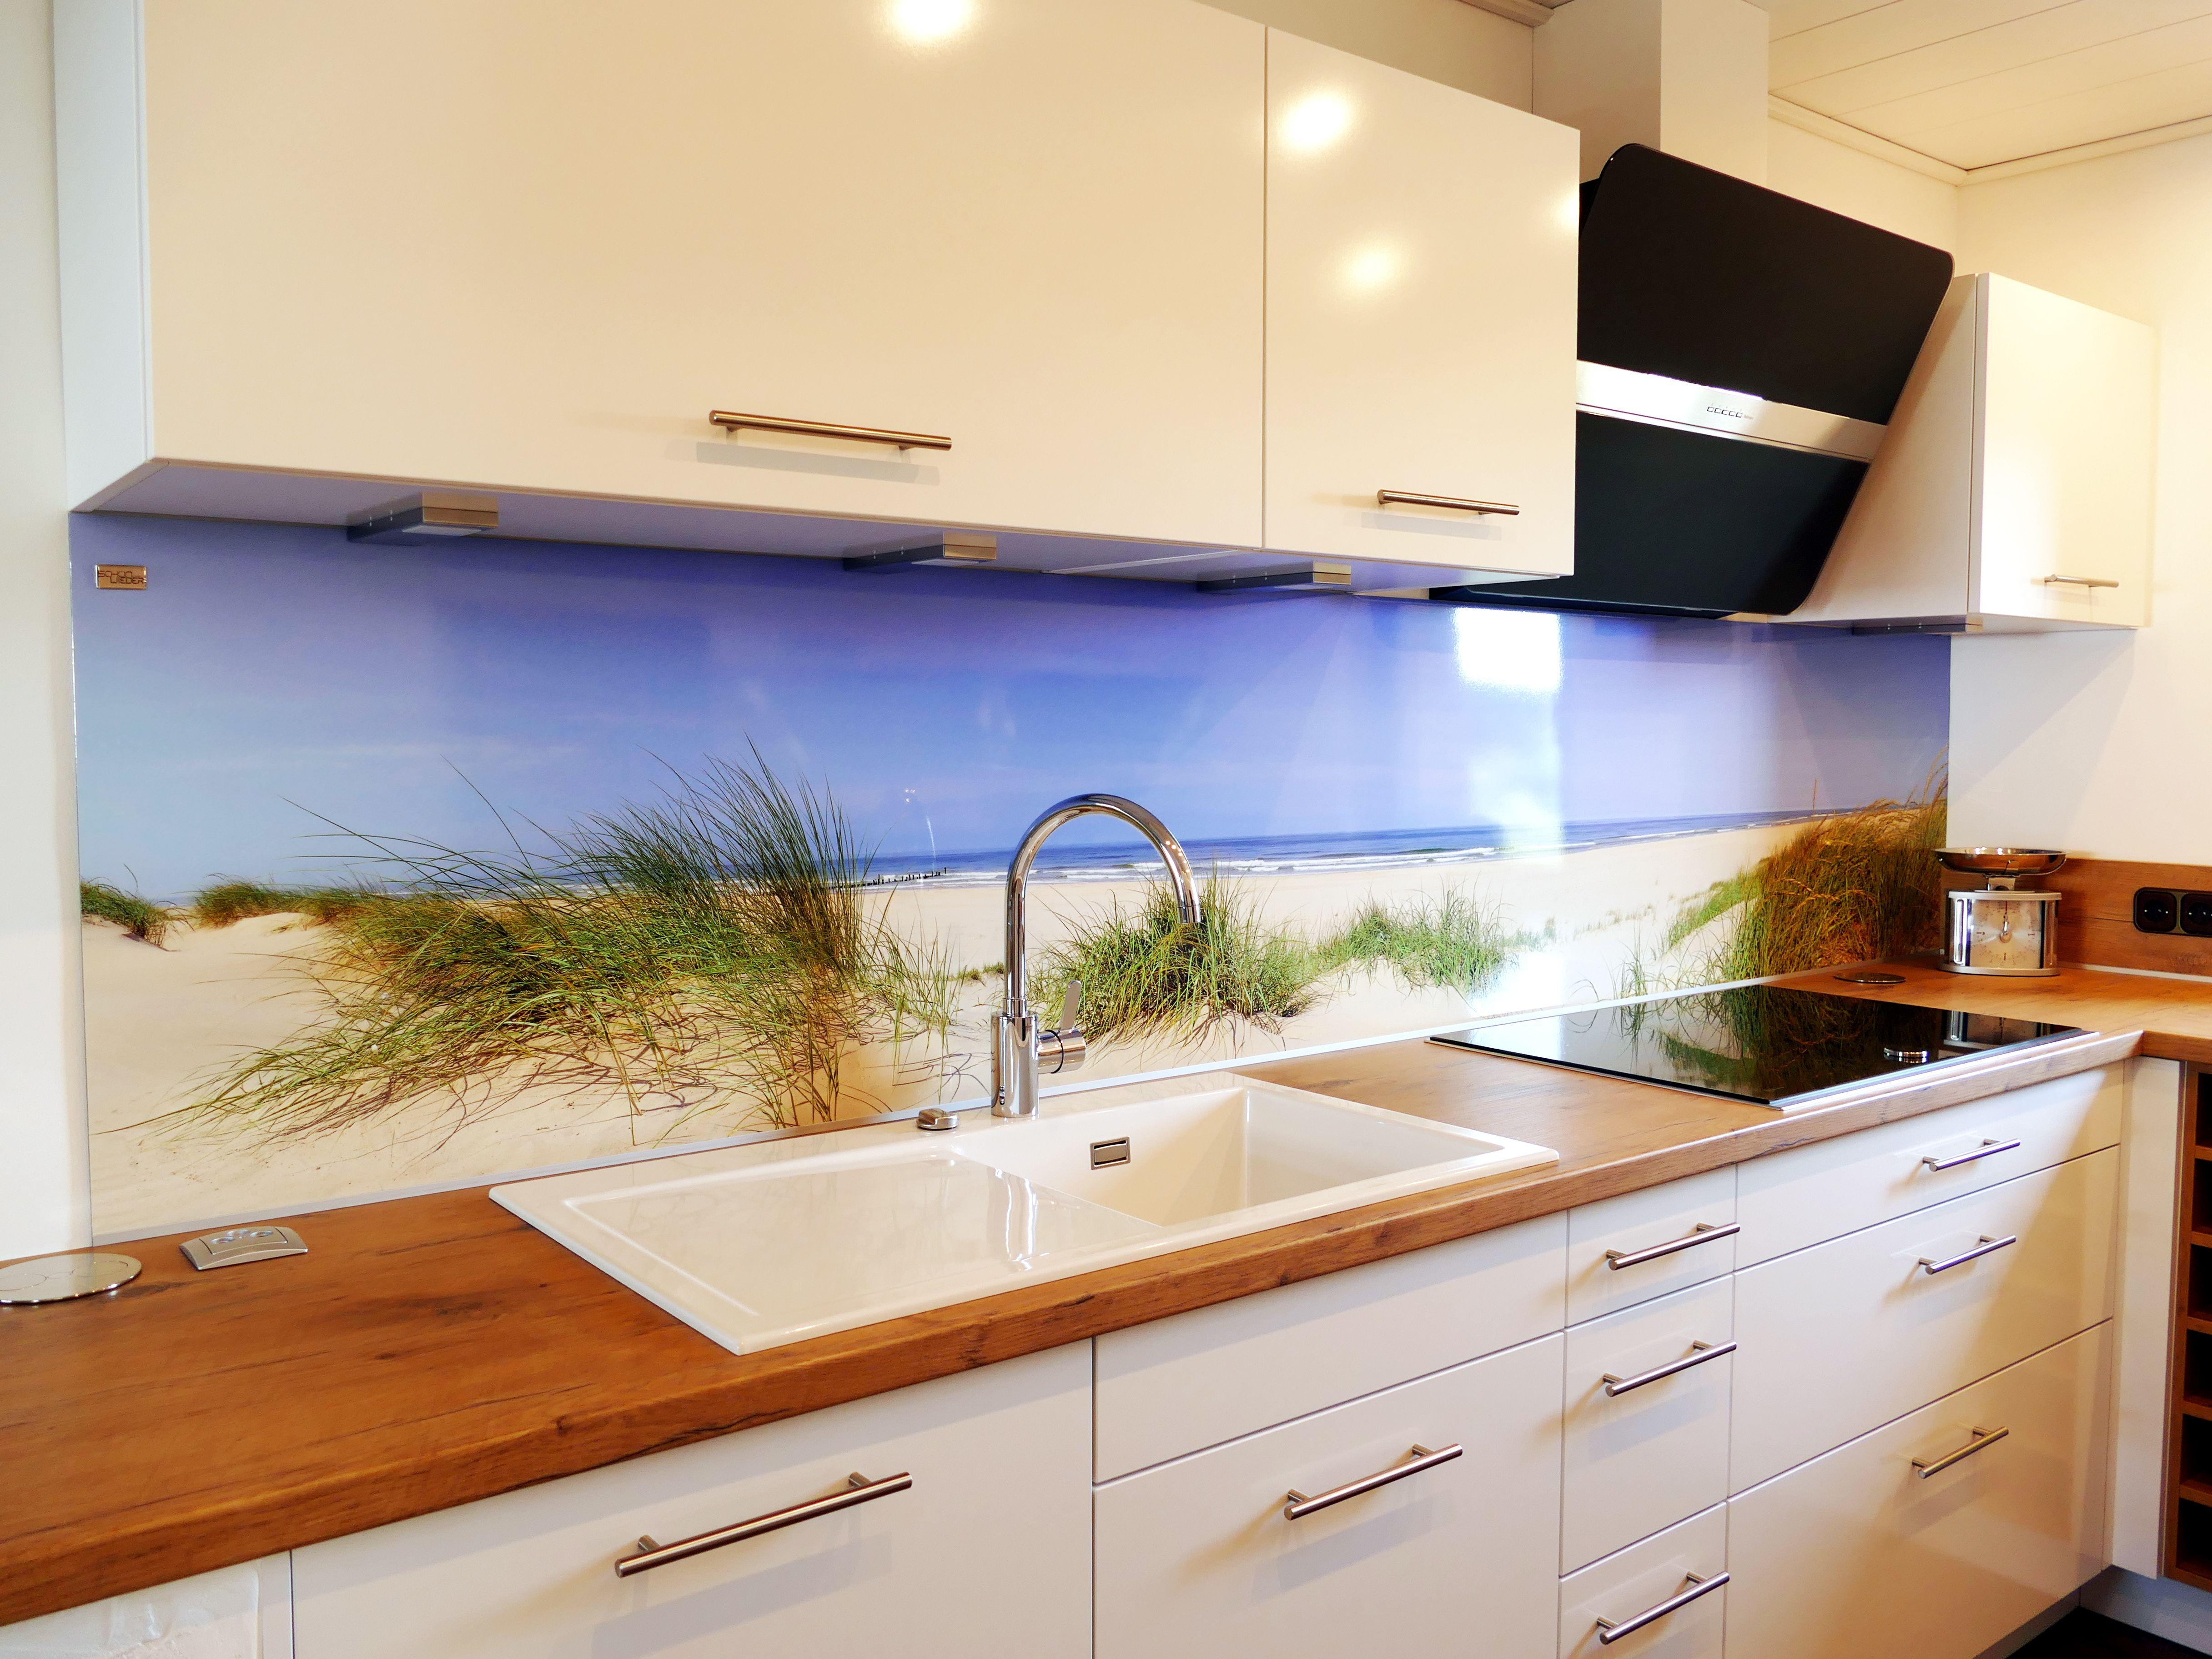 Küchenrückwände Glasrückwand küche, Innenarchitektur